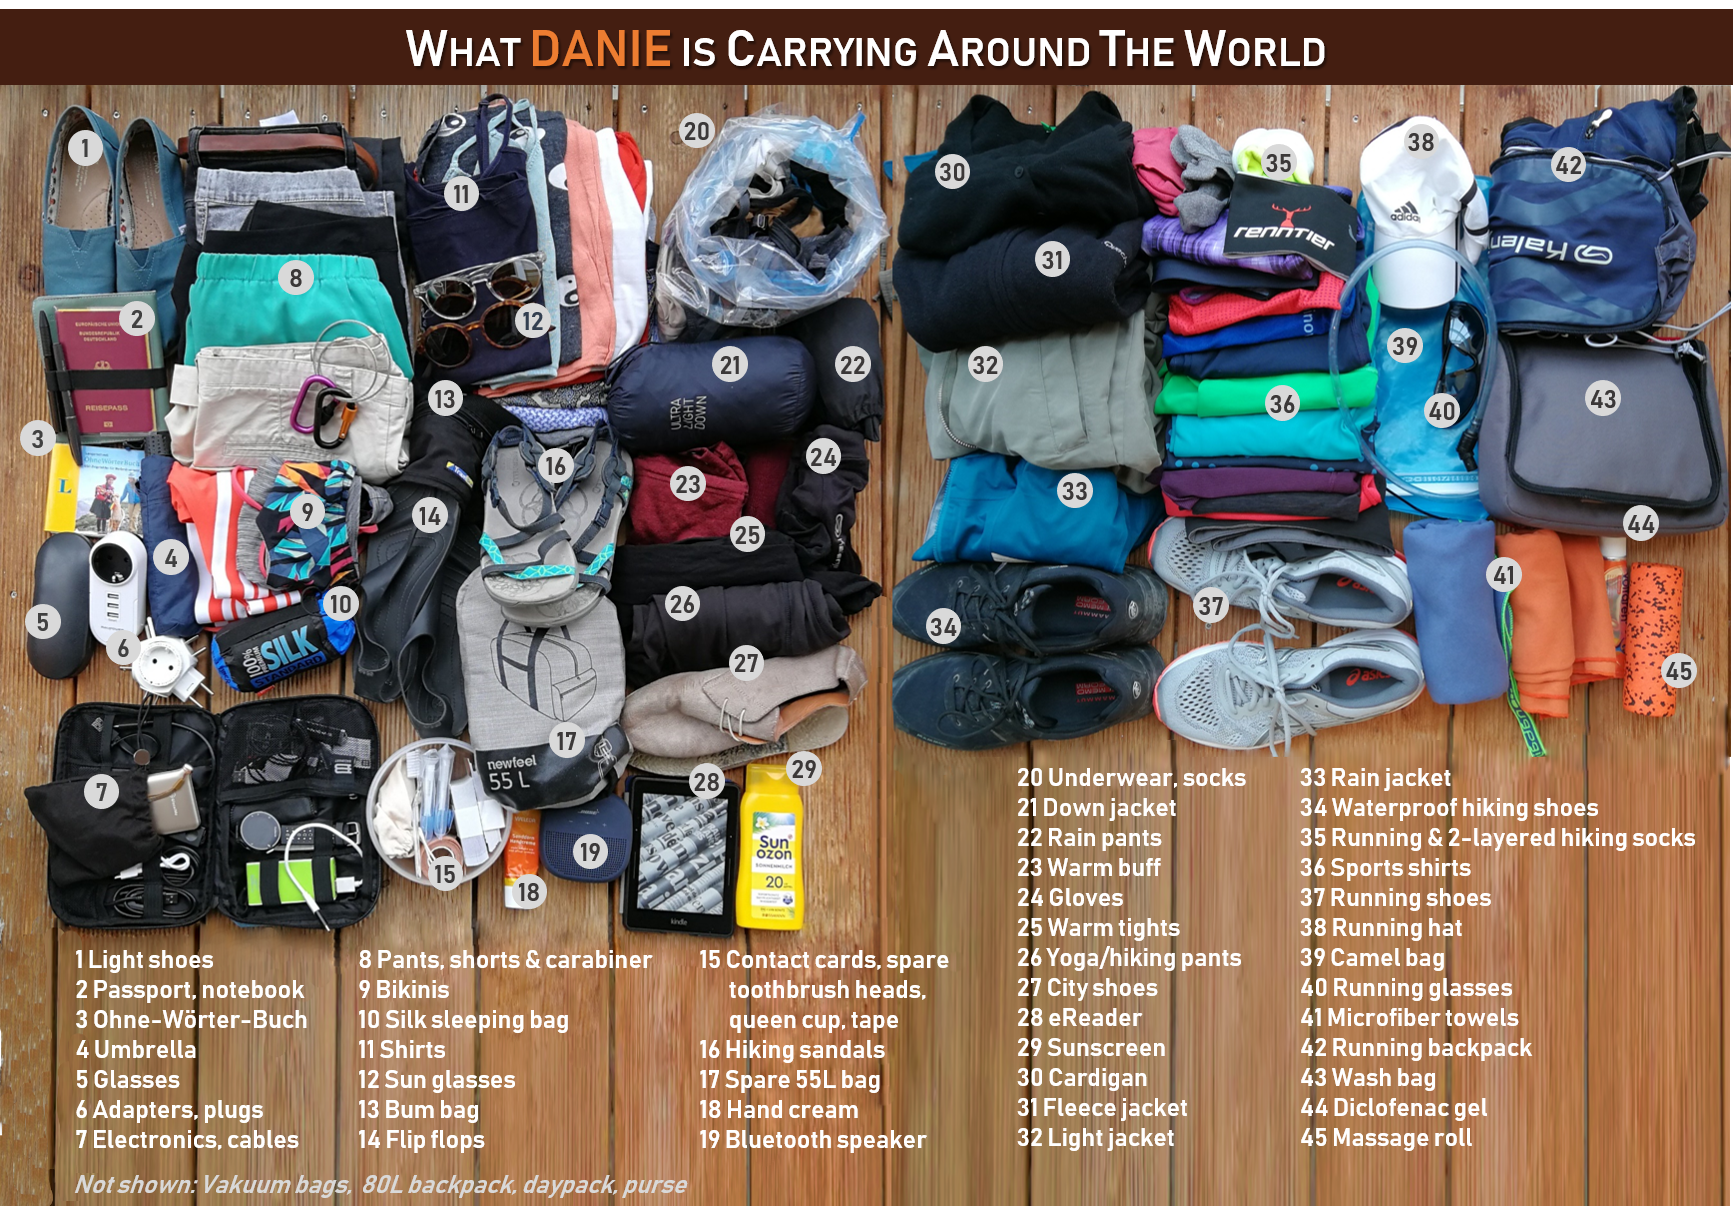 Danie_Luggage